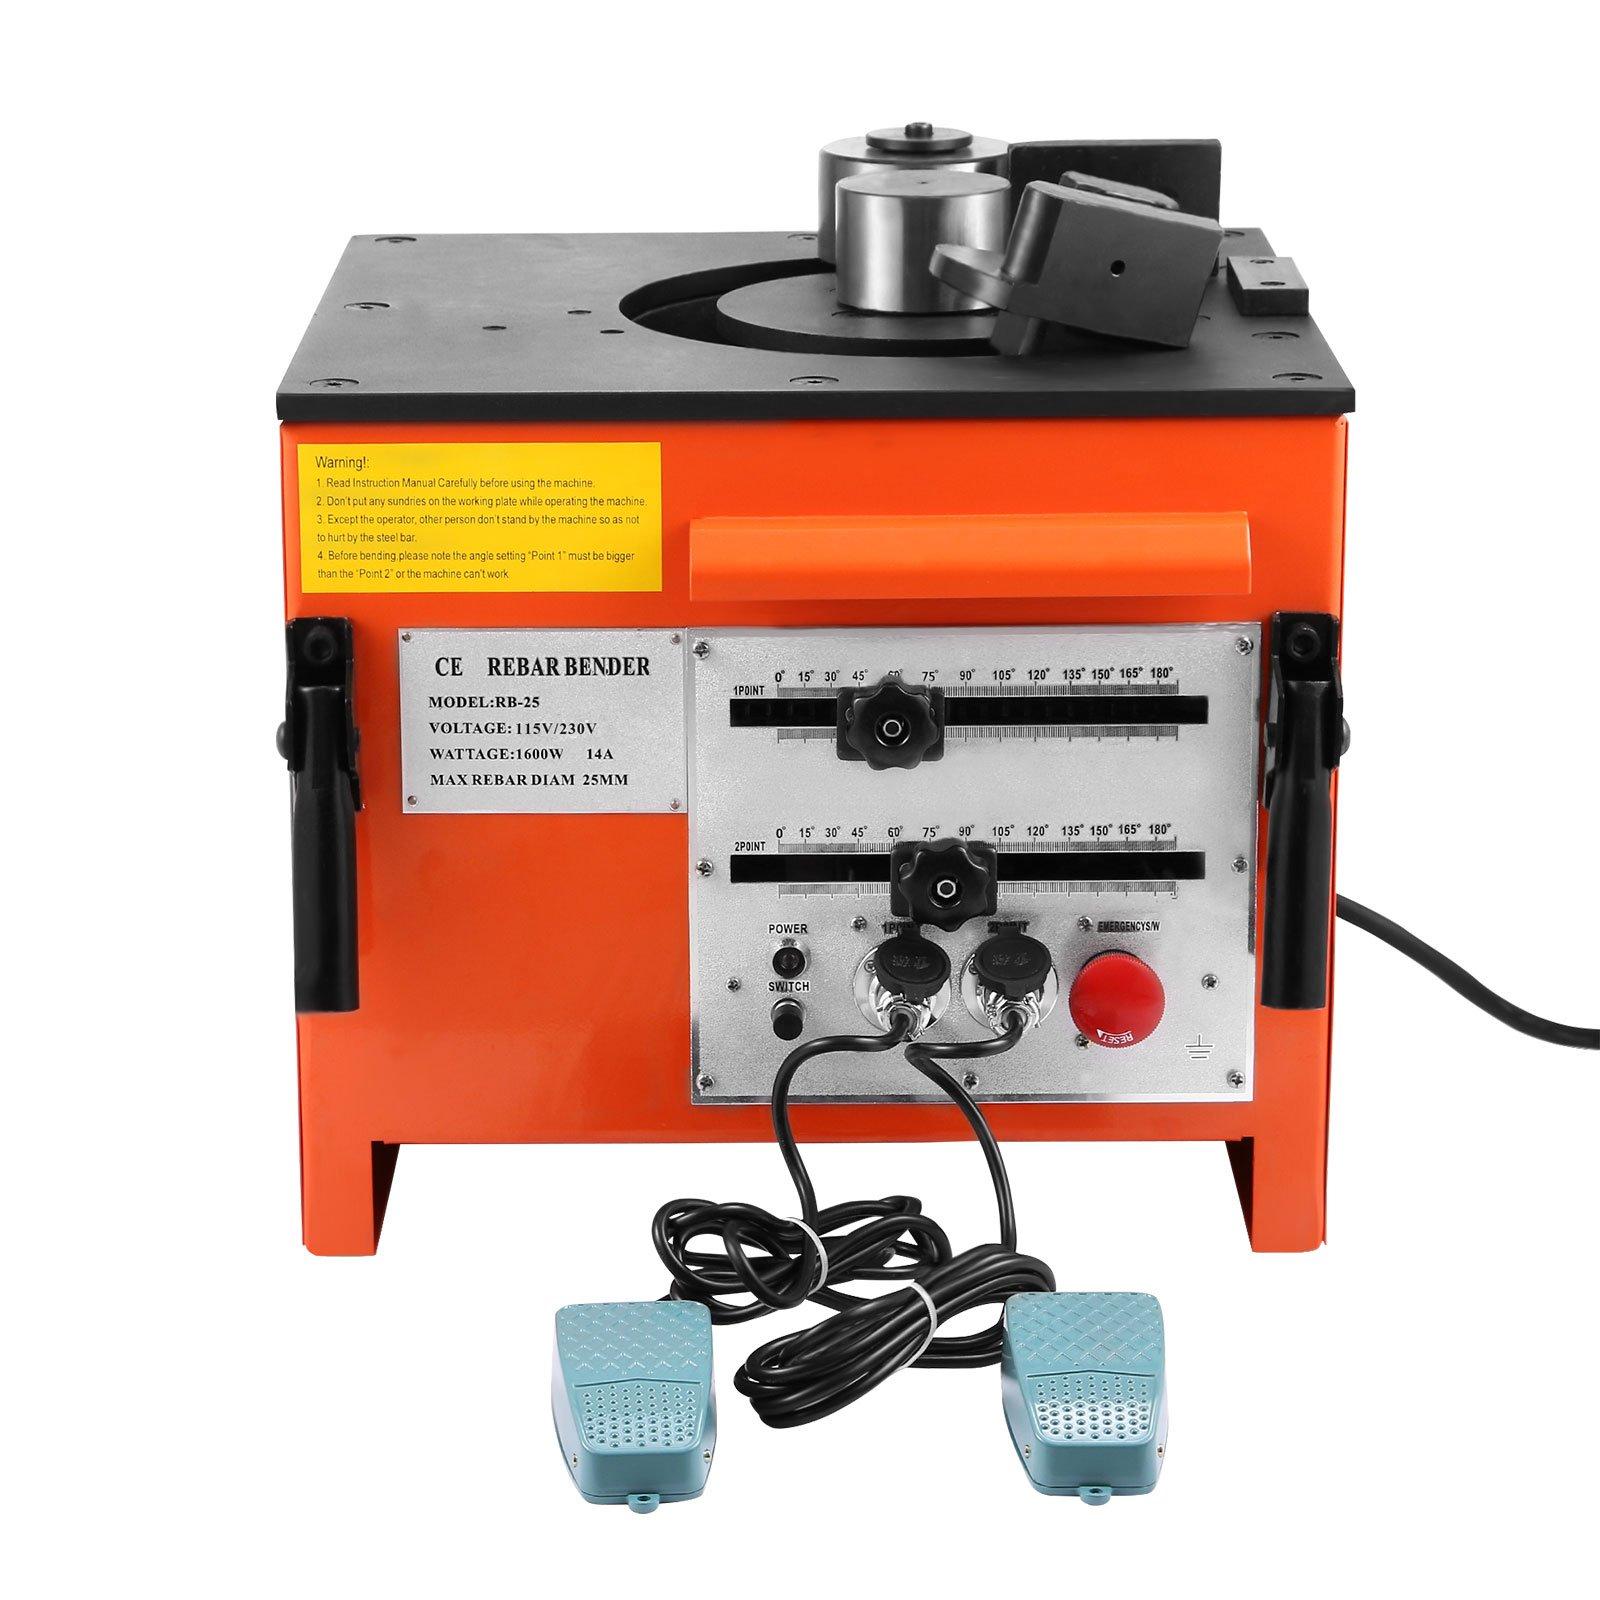 VEVOR Electric Rebar Machine 110V Rebar Bender Maximum Bending Diameter 1 Inch Rebar Bending Machine for Steel with 2 Foot Pedals